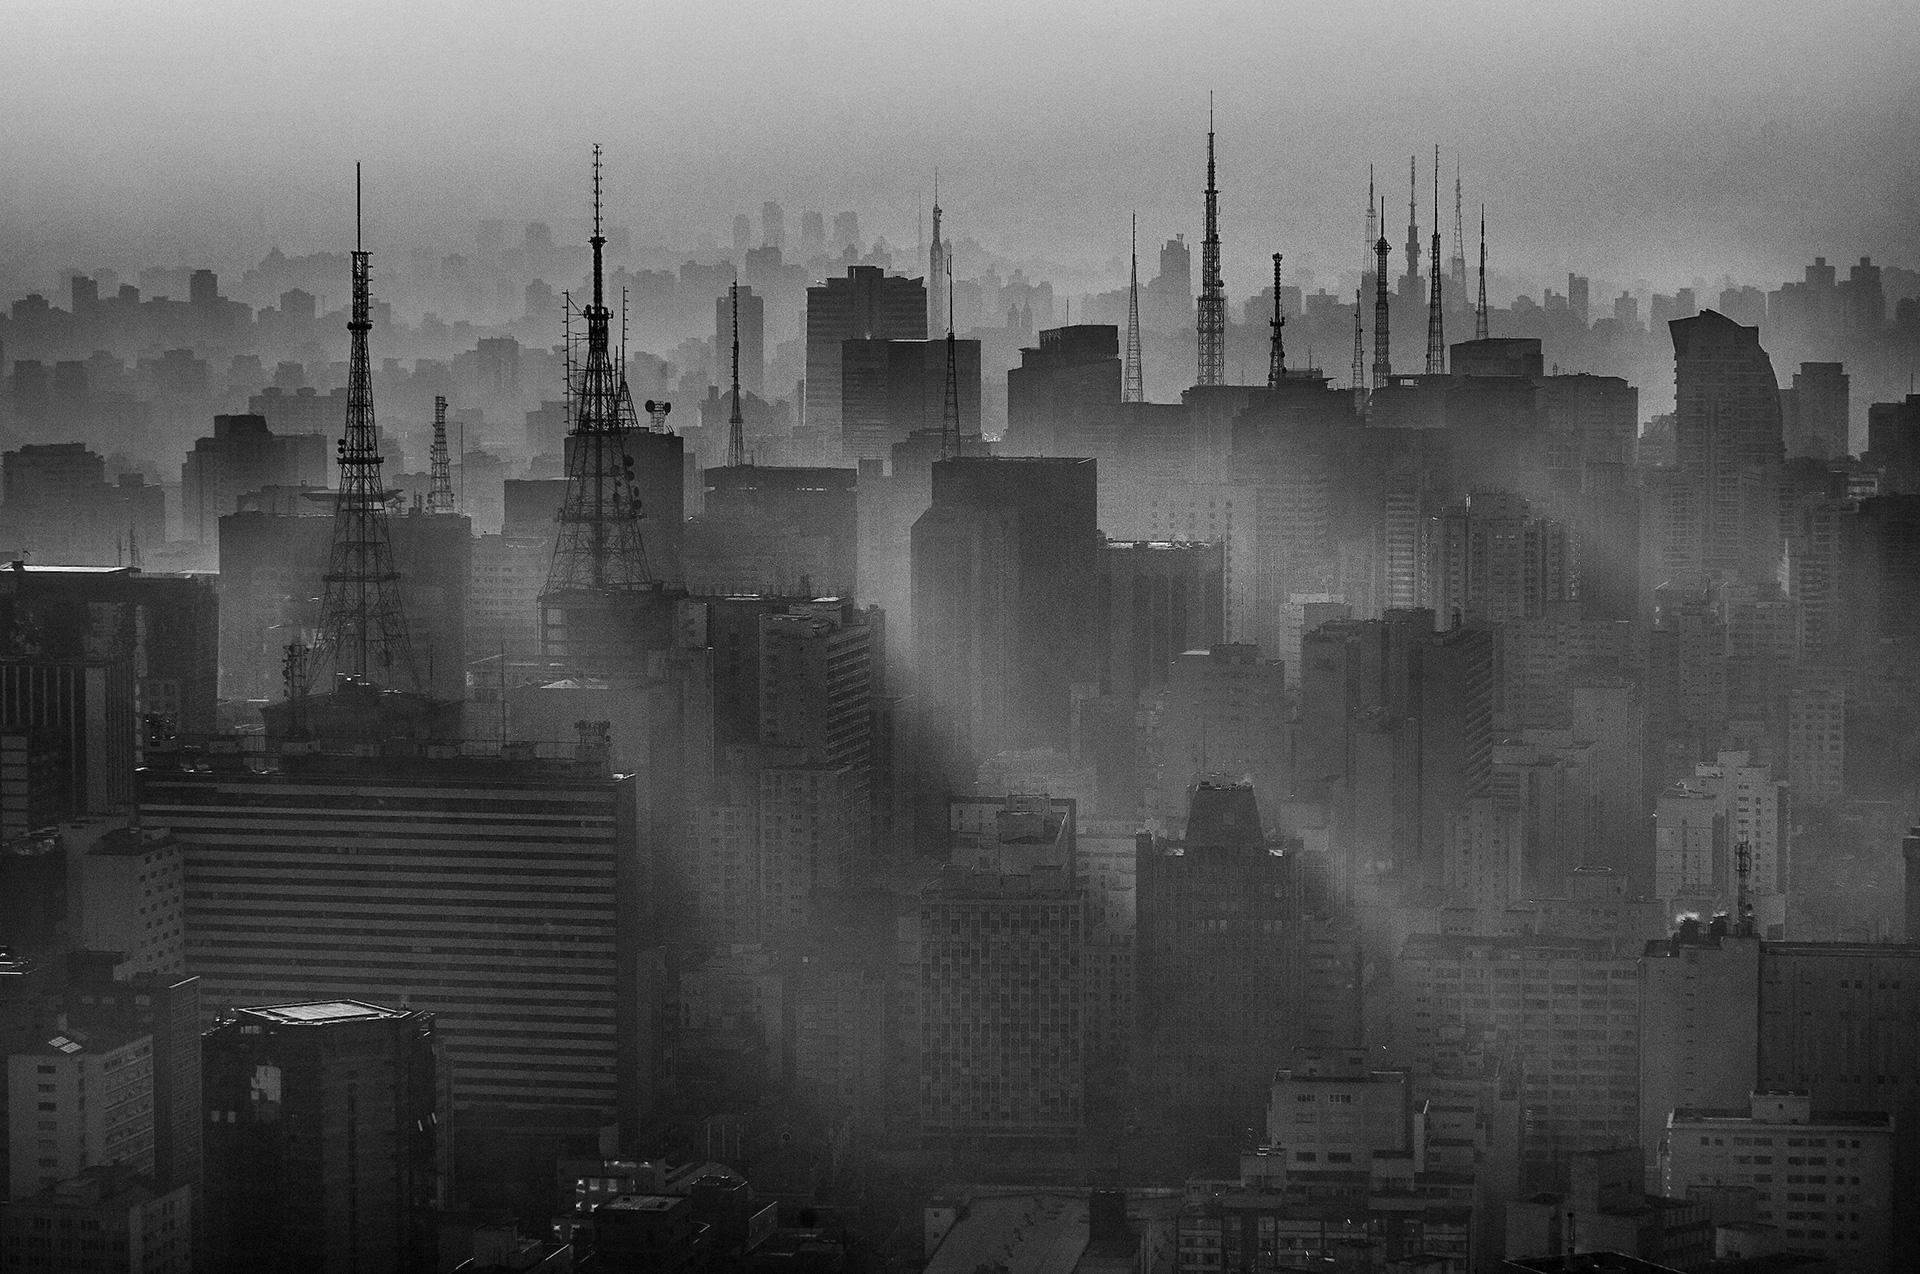 Vista aérea do centro de São Paulo, em agosto de 2007